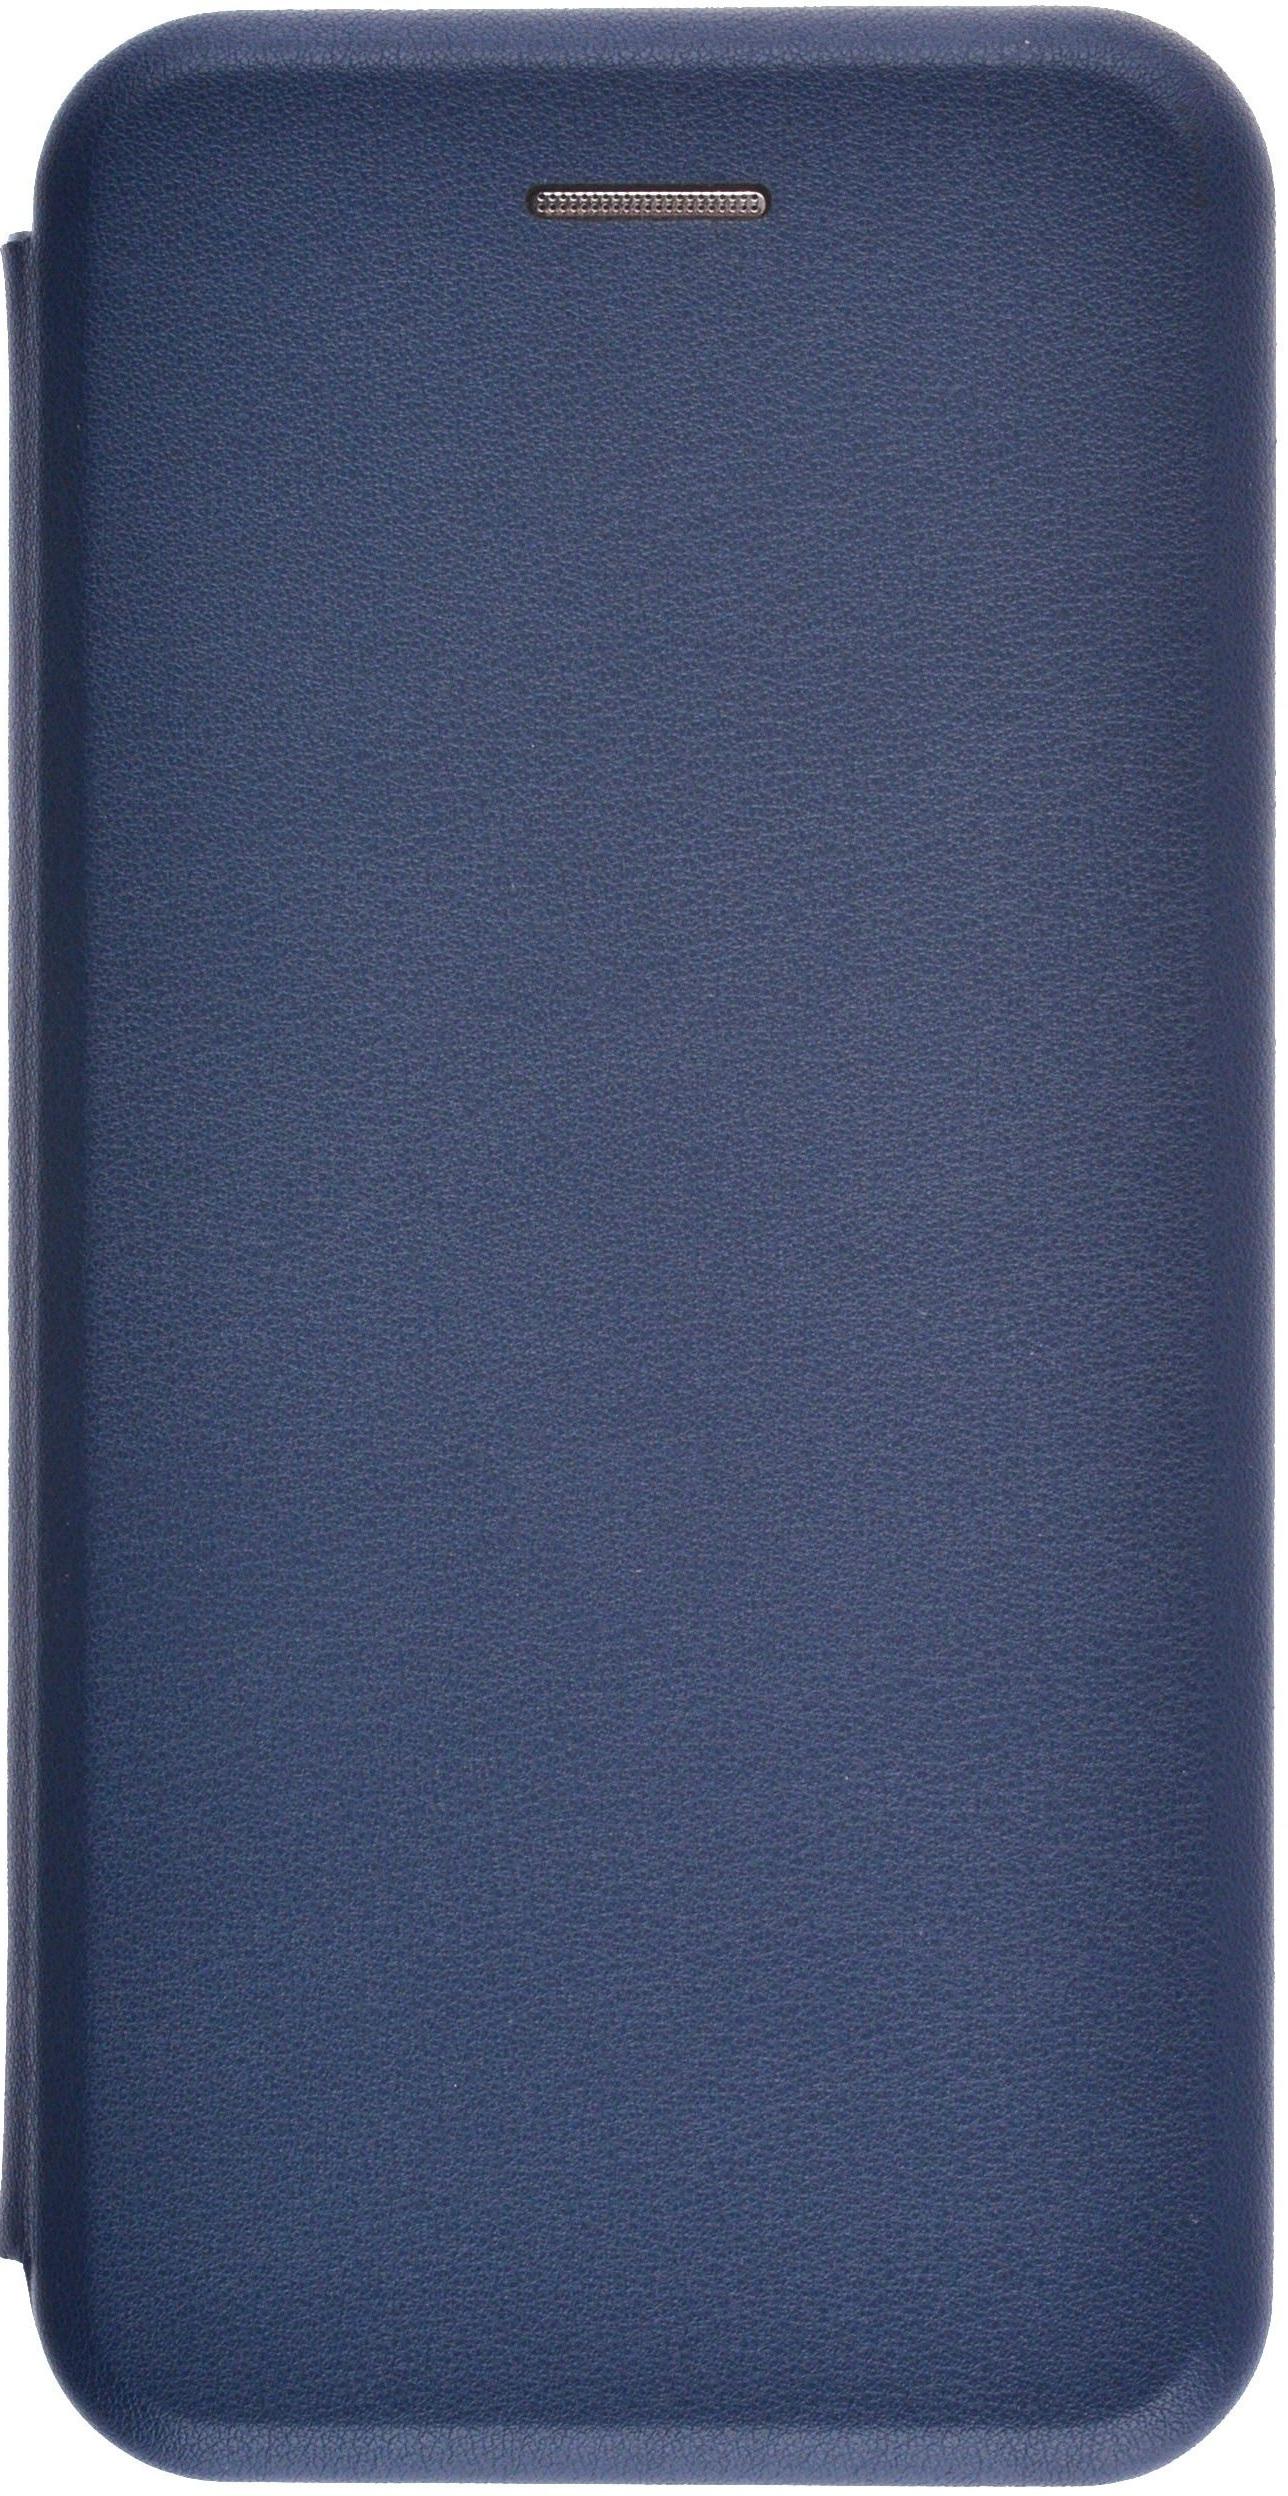 Купить noname Чехол-книжка Fashion Case для Honor 20 в интернет магазине. Цены, фото, описания, характеристики, отзывы, обзоры